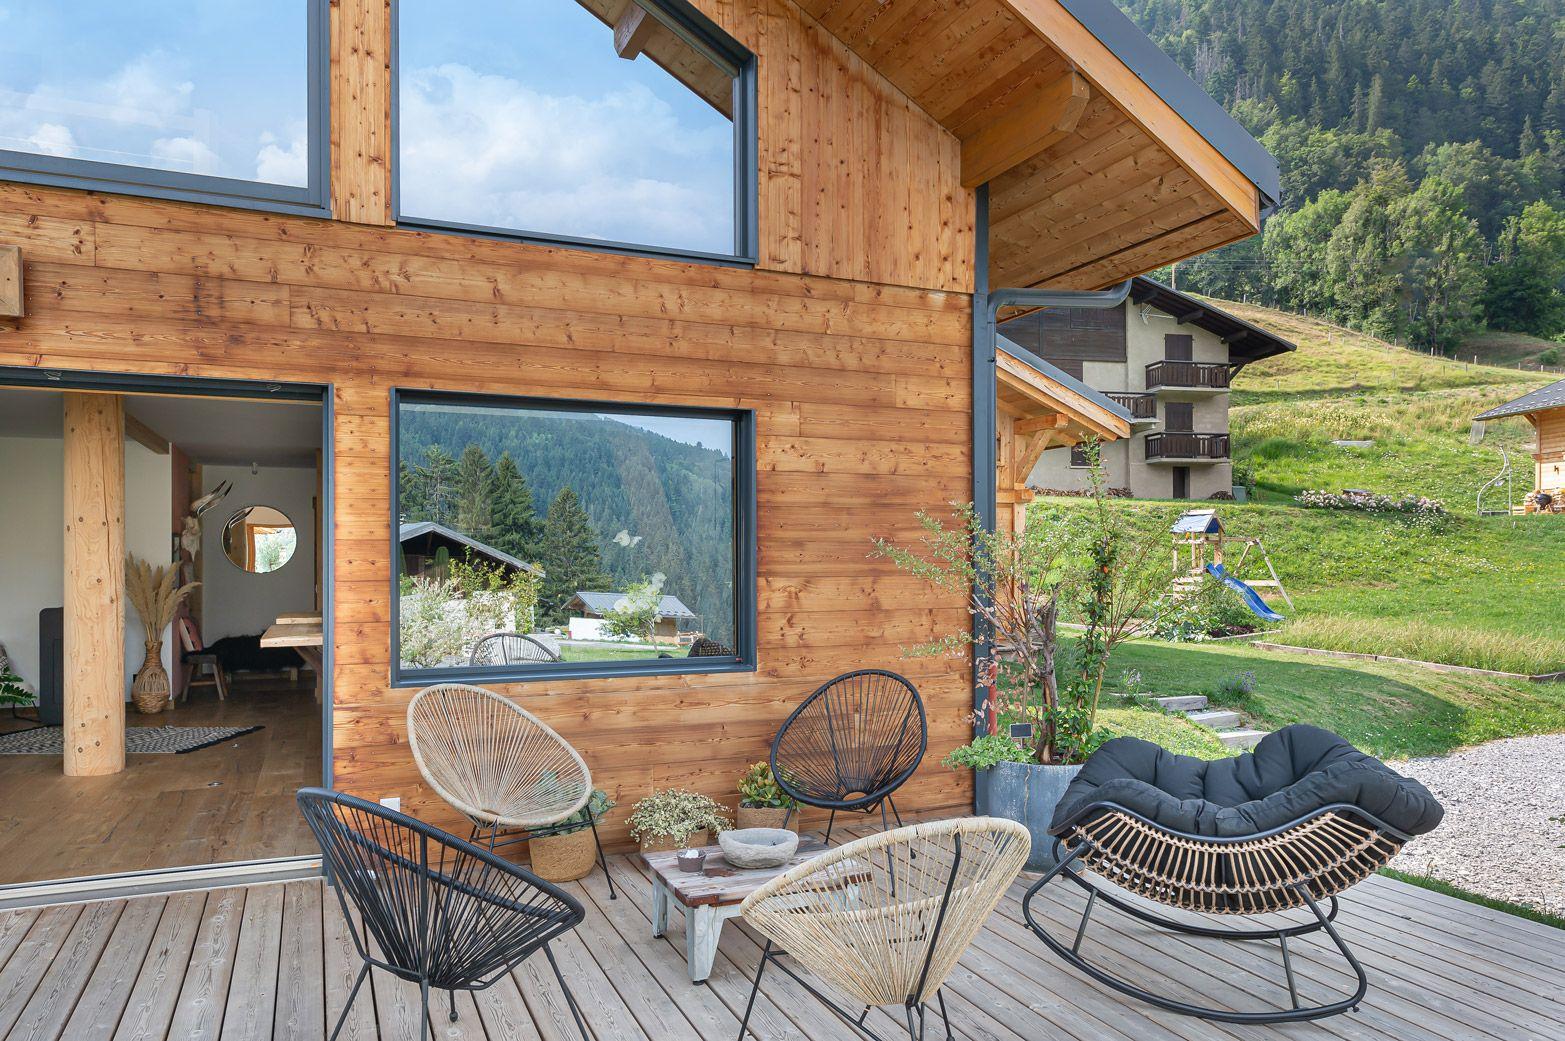 Le Chalet Des Cedres Maison Ossature Bois Constructeur Maison Maison Bois